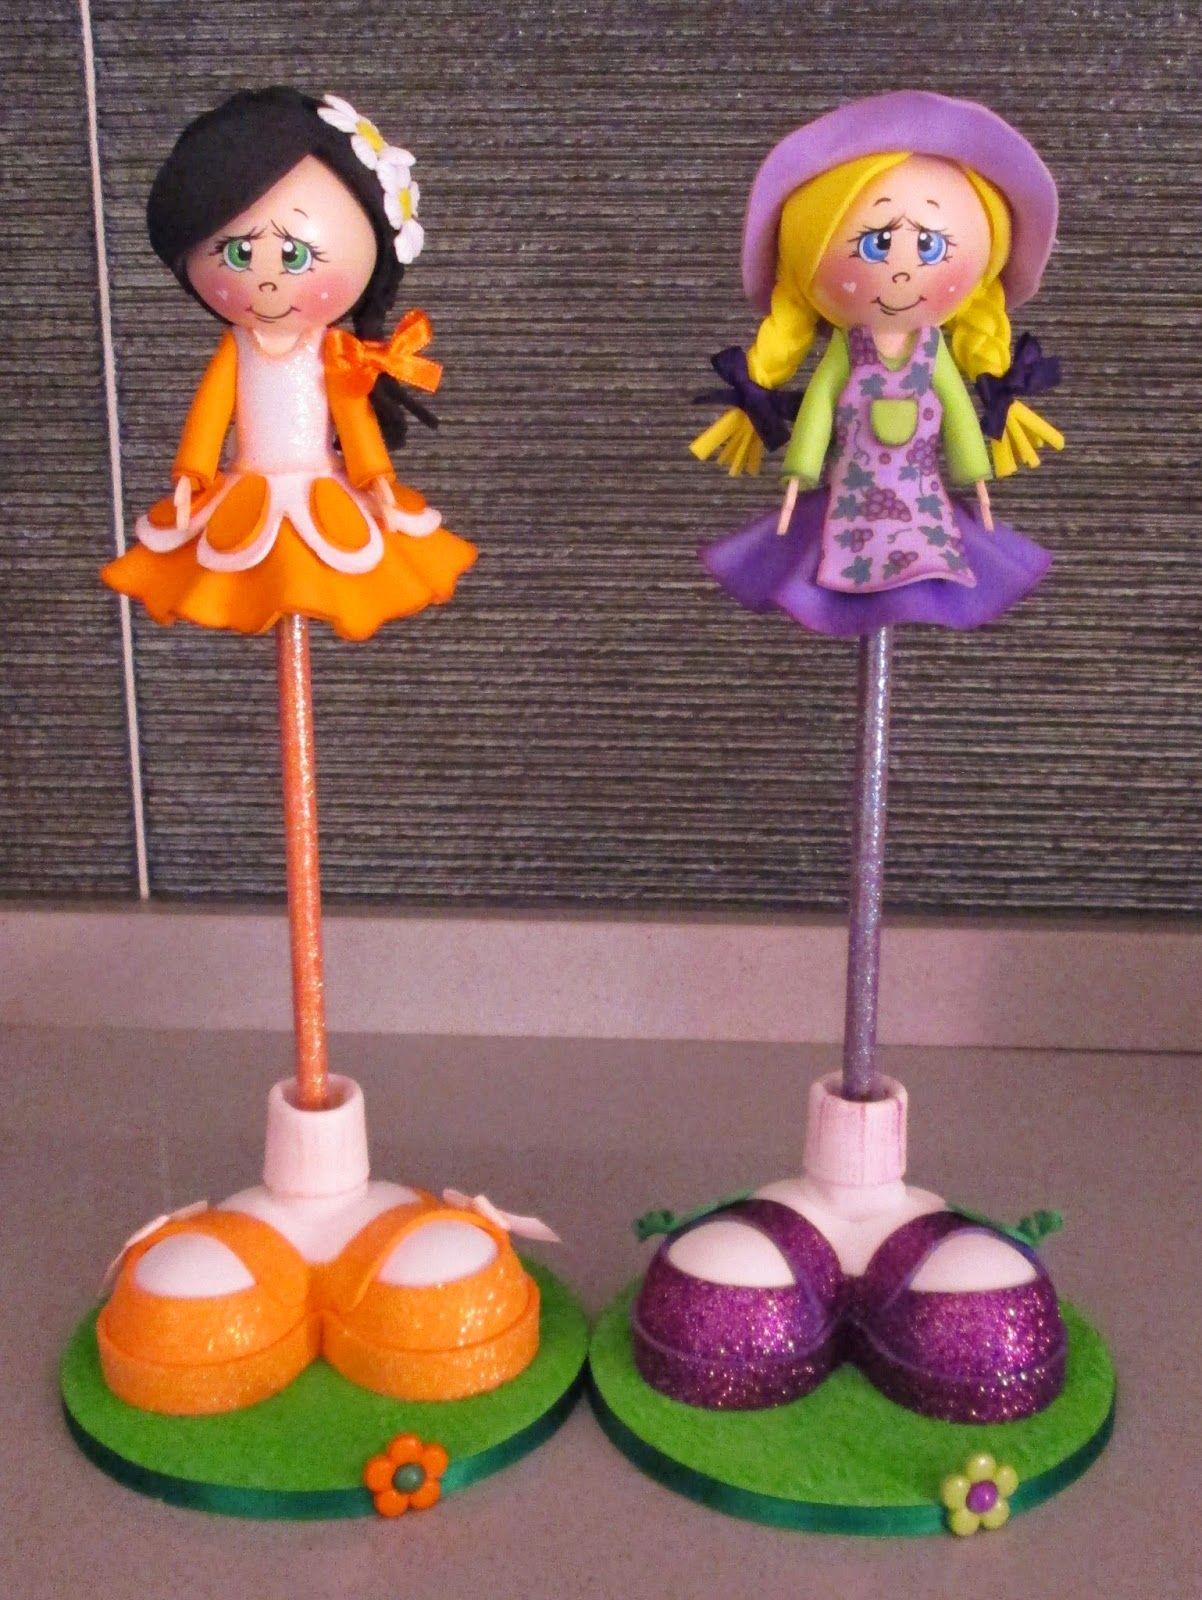 Muñecas Tania: trabajo personalizado